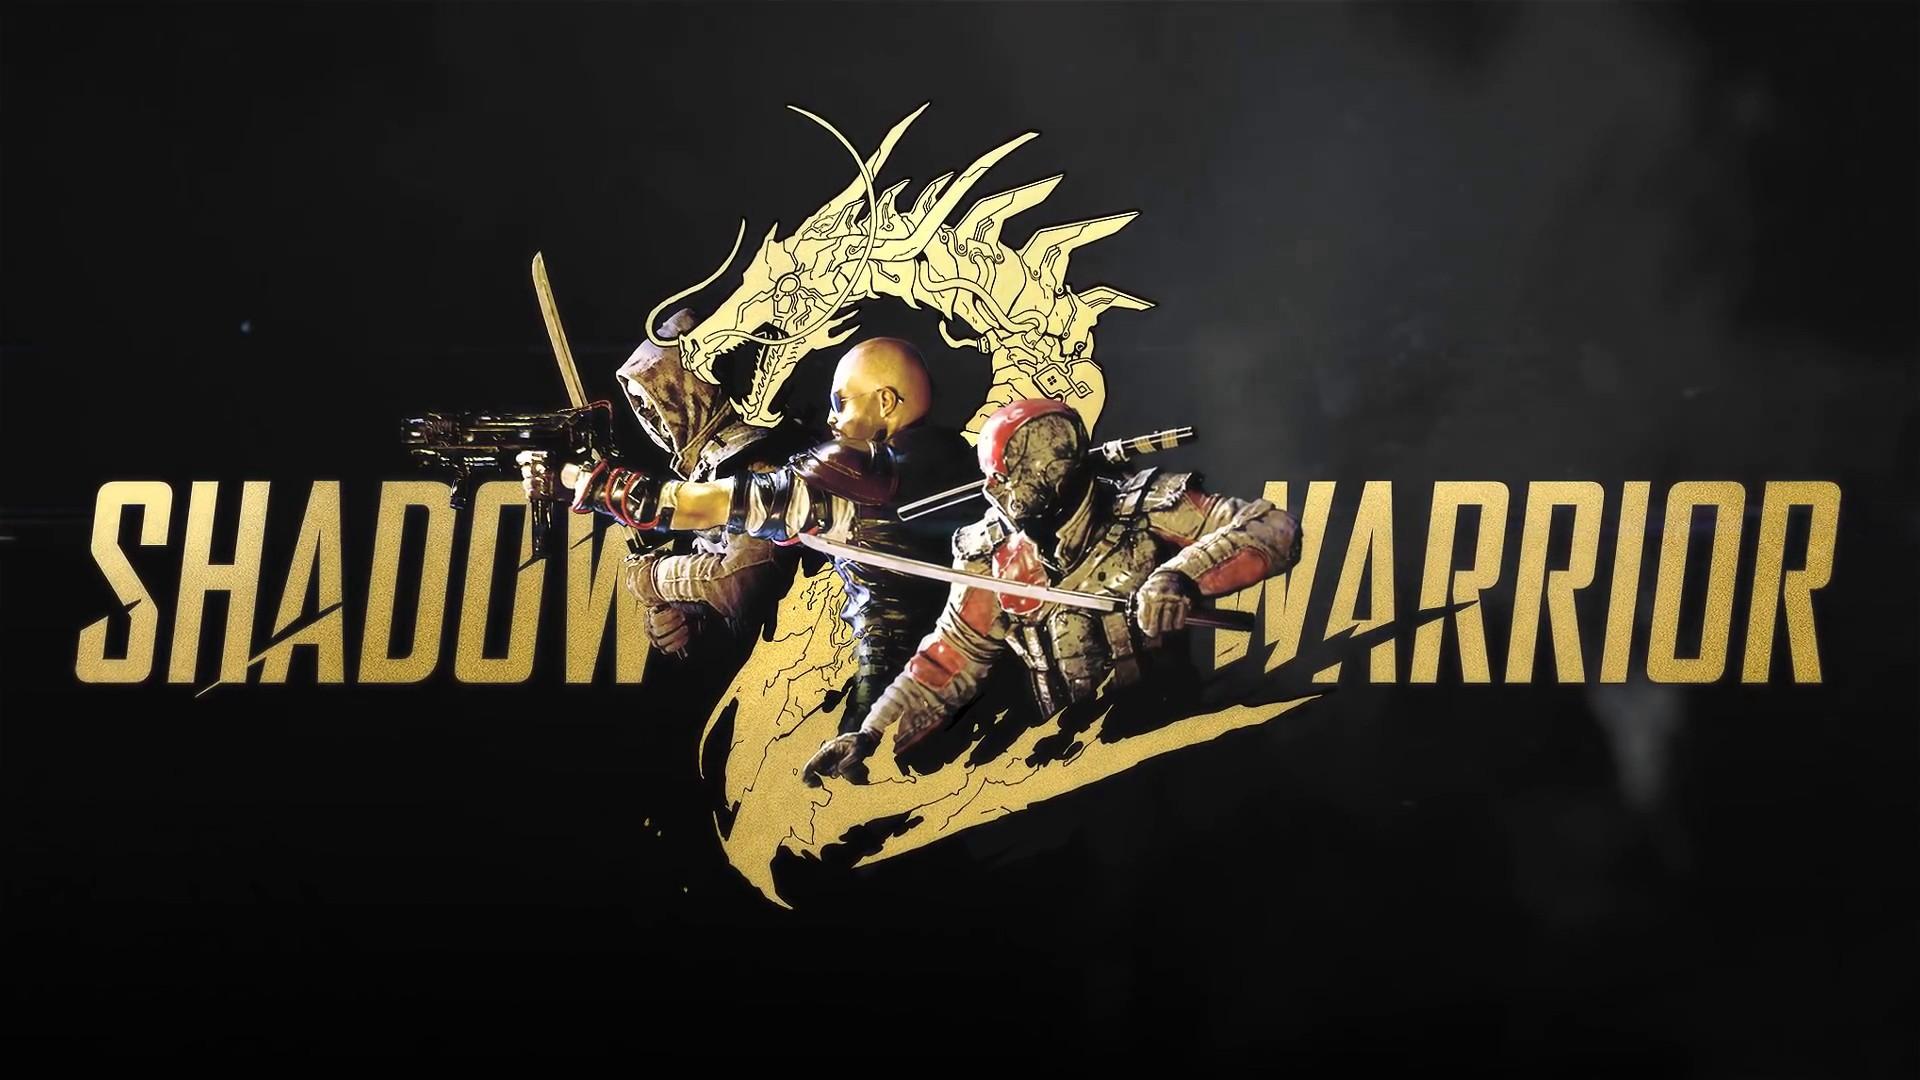 Ya se puede descargar Shadow Warrior 2 gratis en GOG hasta mañana